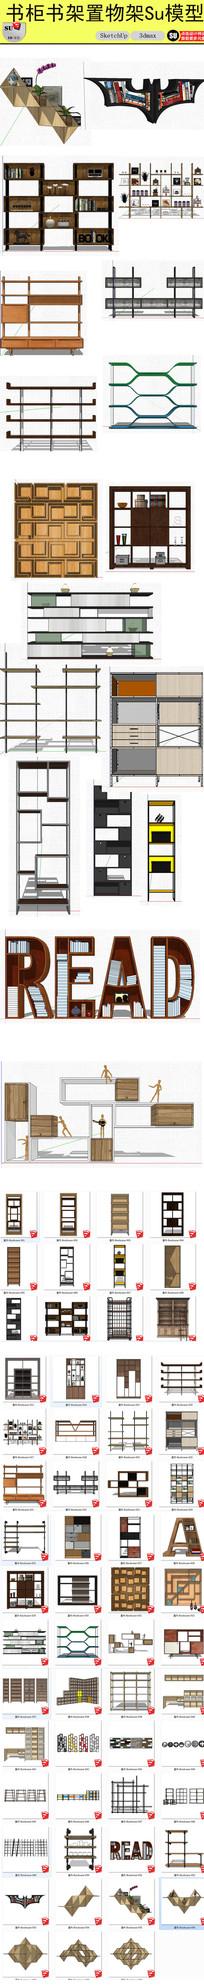 书架置物架SU模型